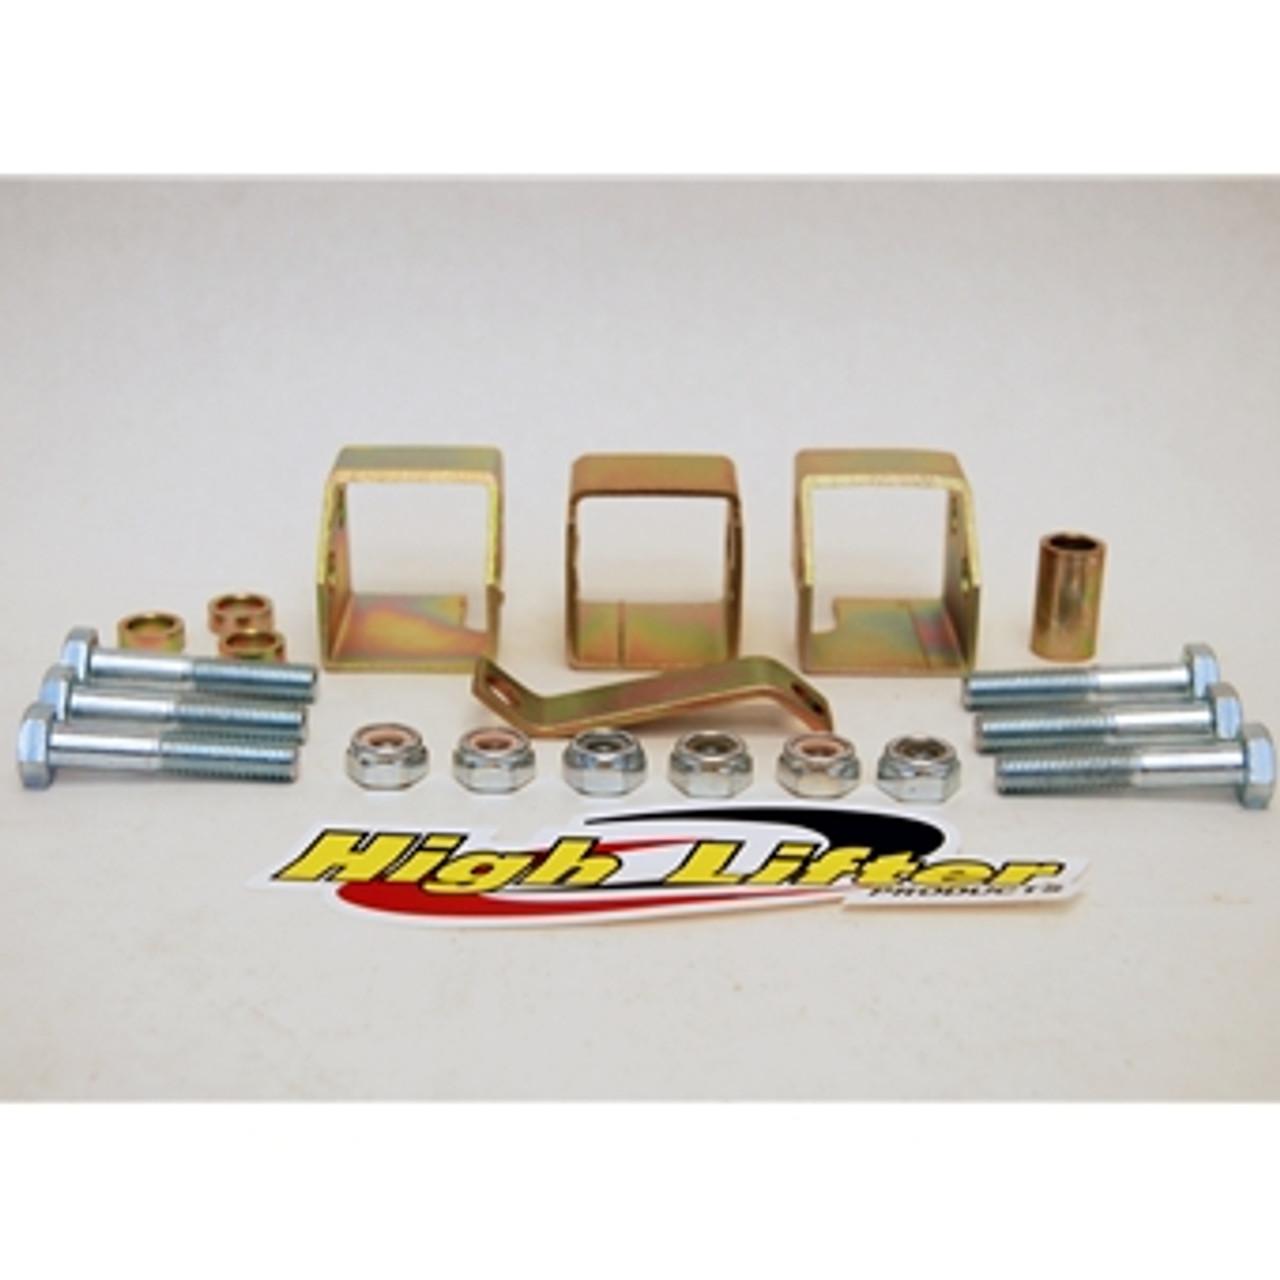 Honda Fourtrax 300 4x4 (92-97) High Lifter 2